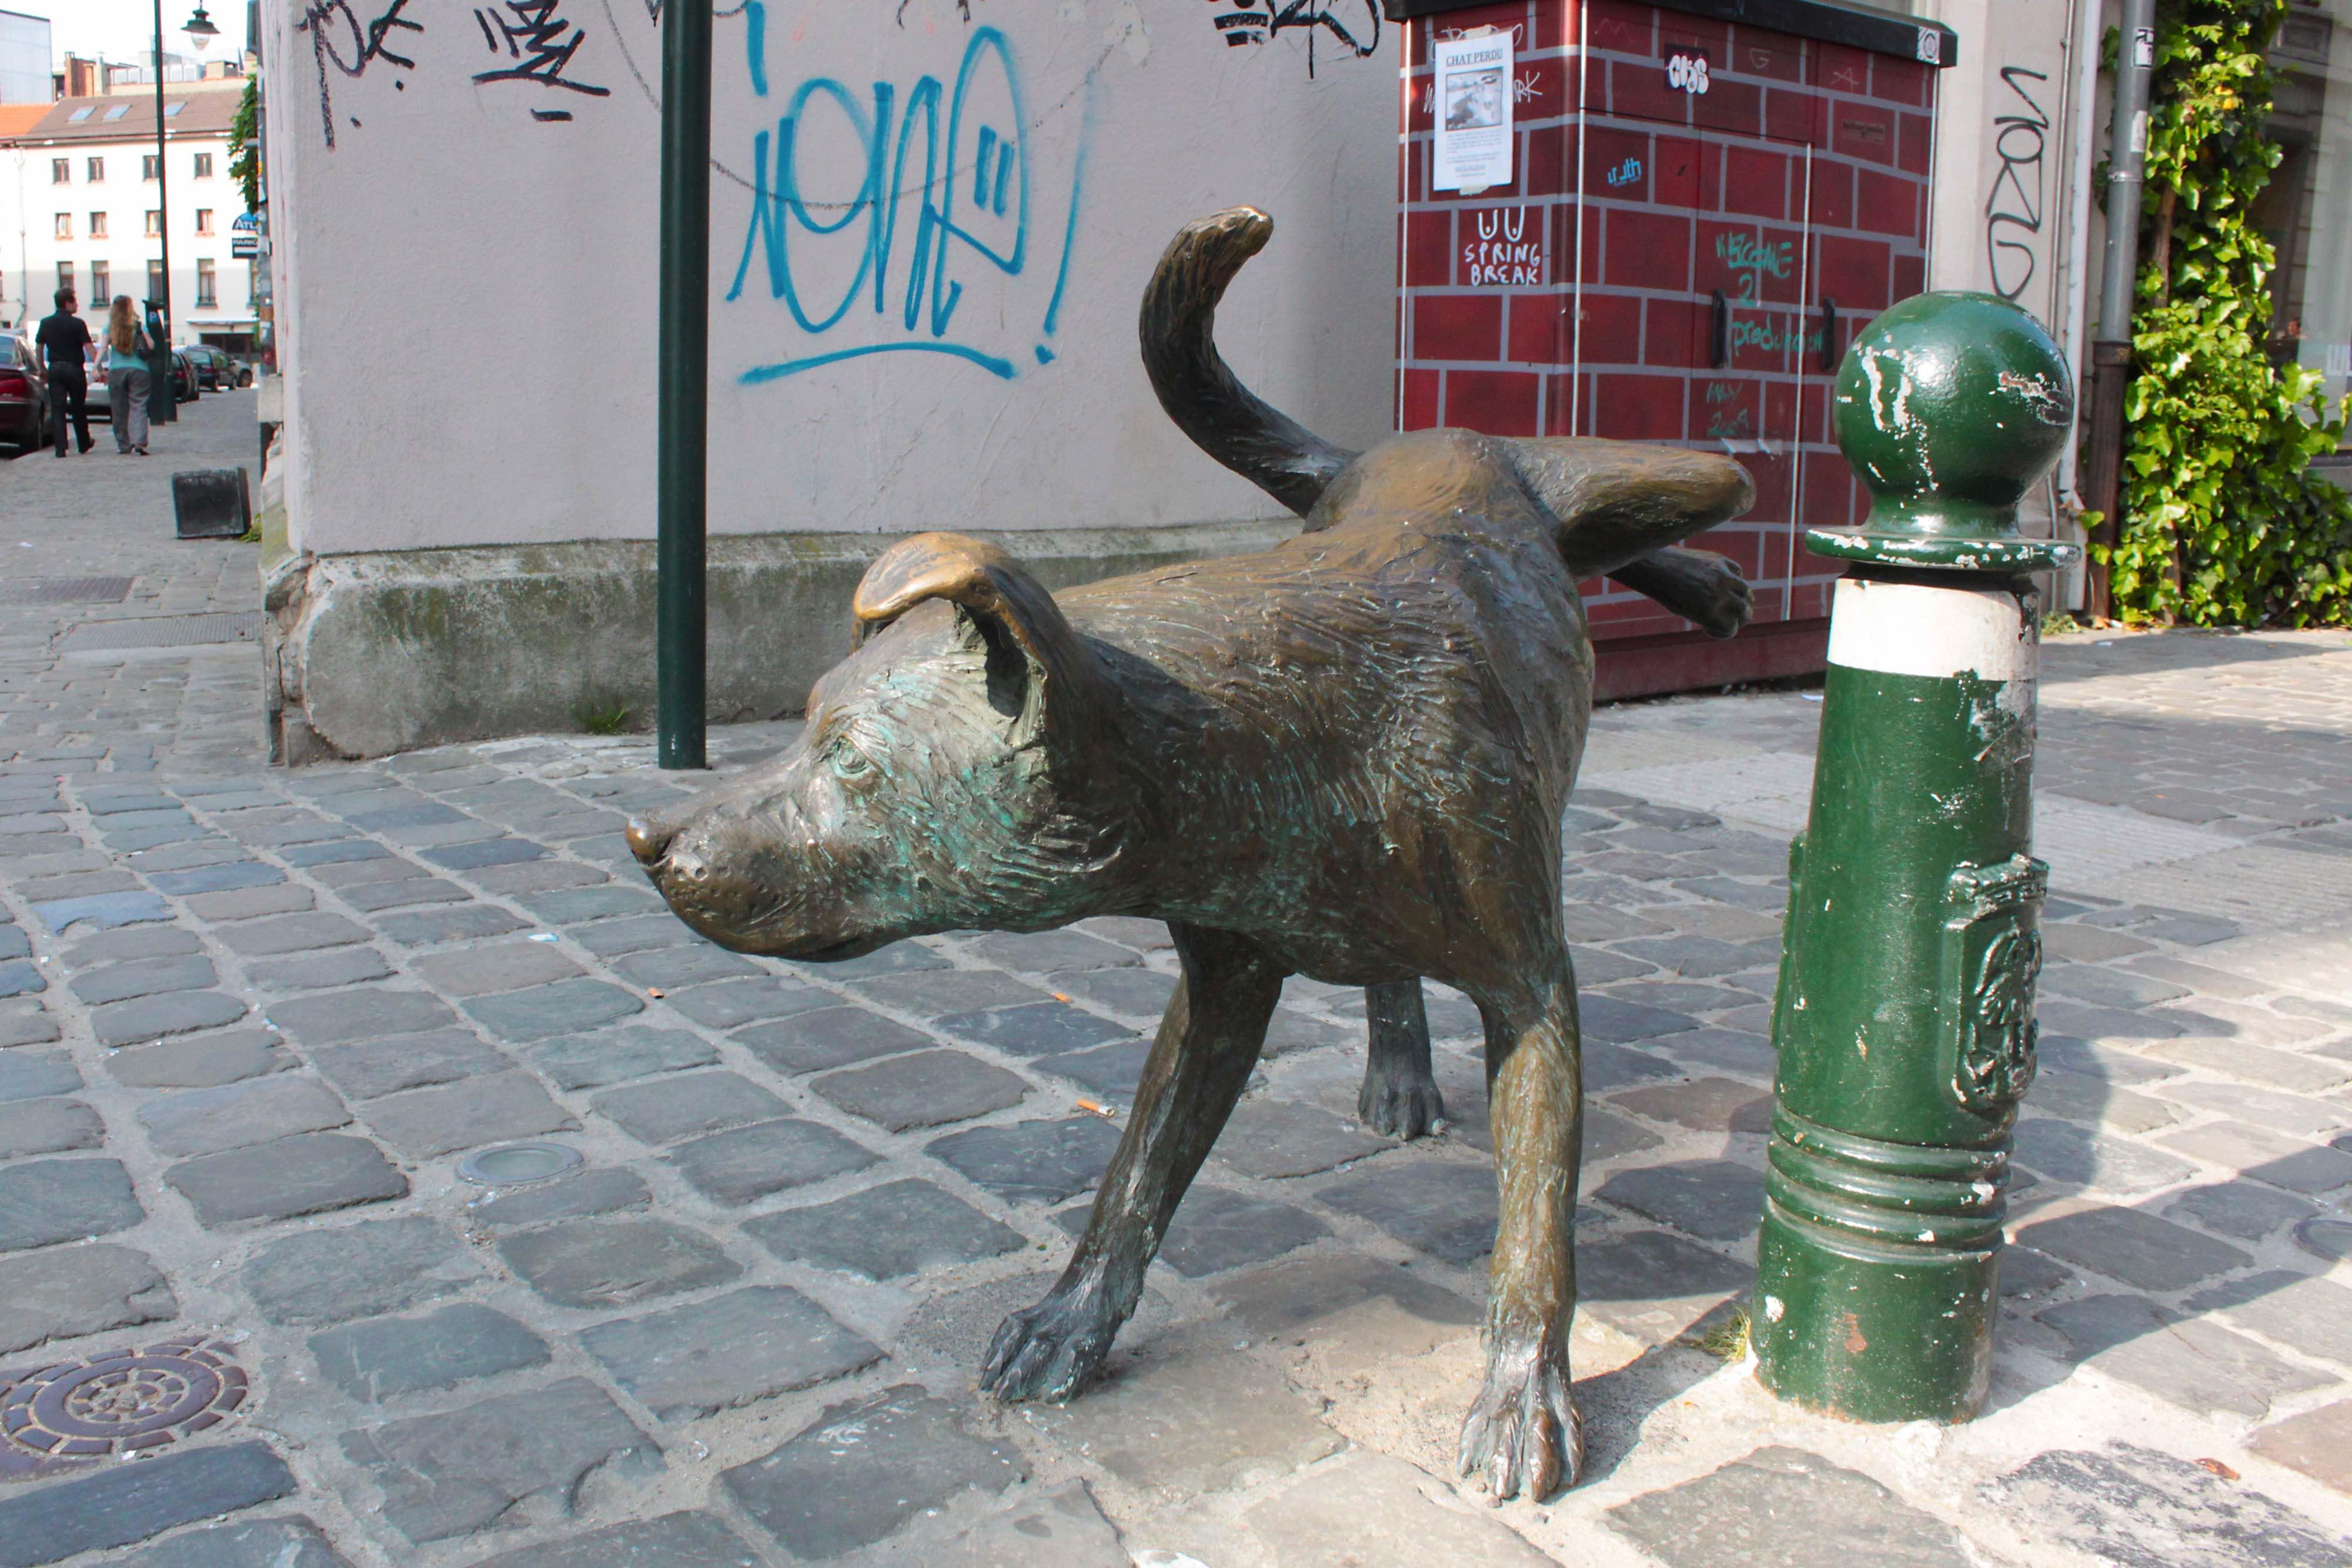 Belgian peeing statue agree